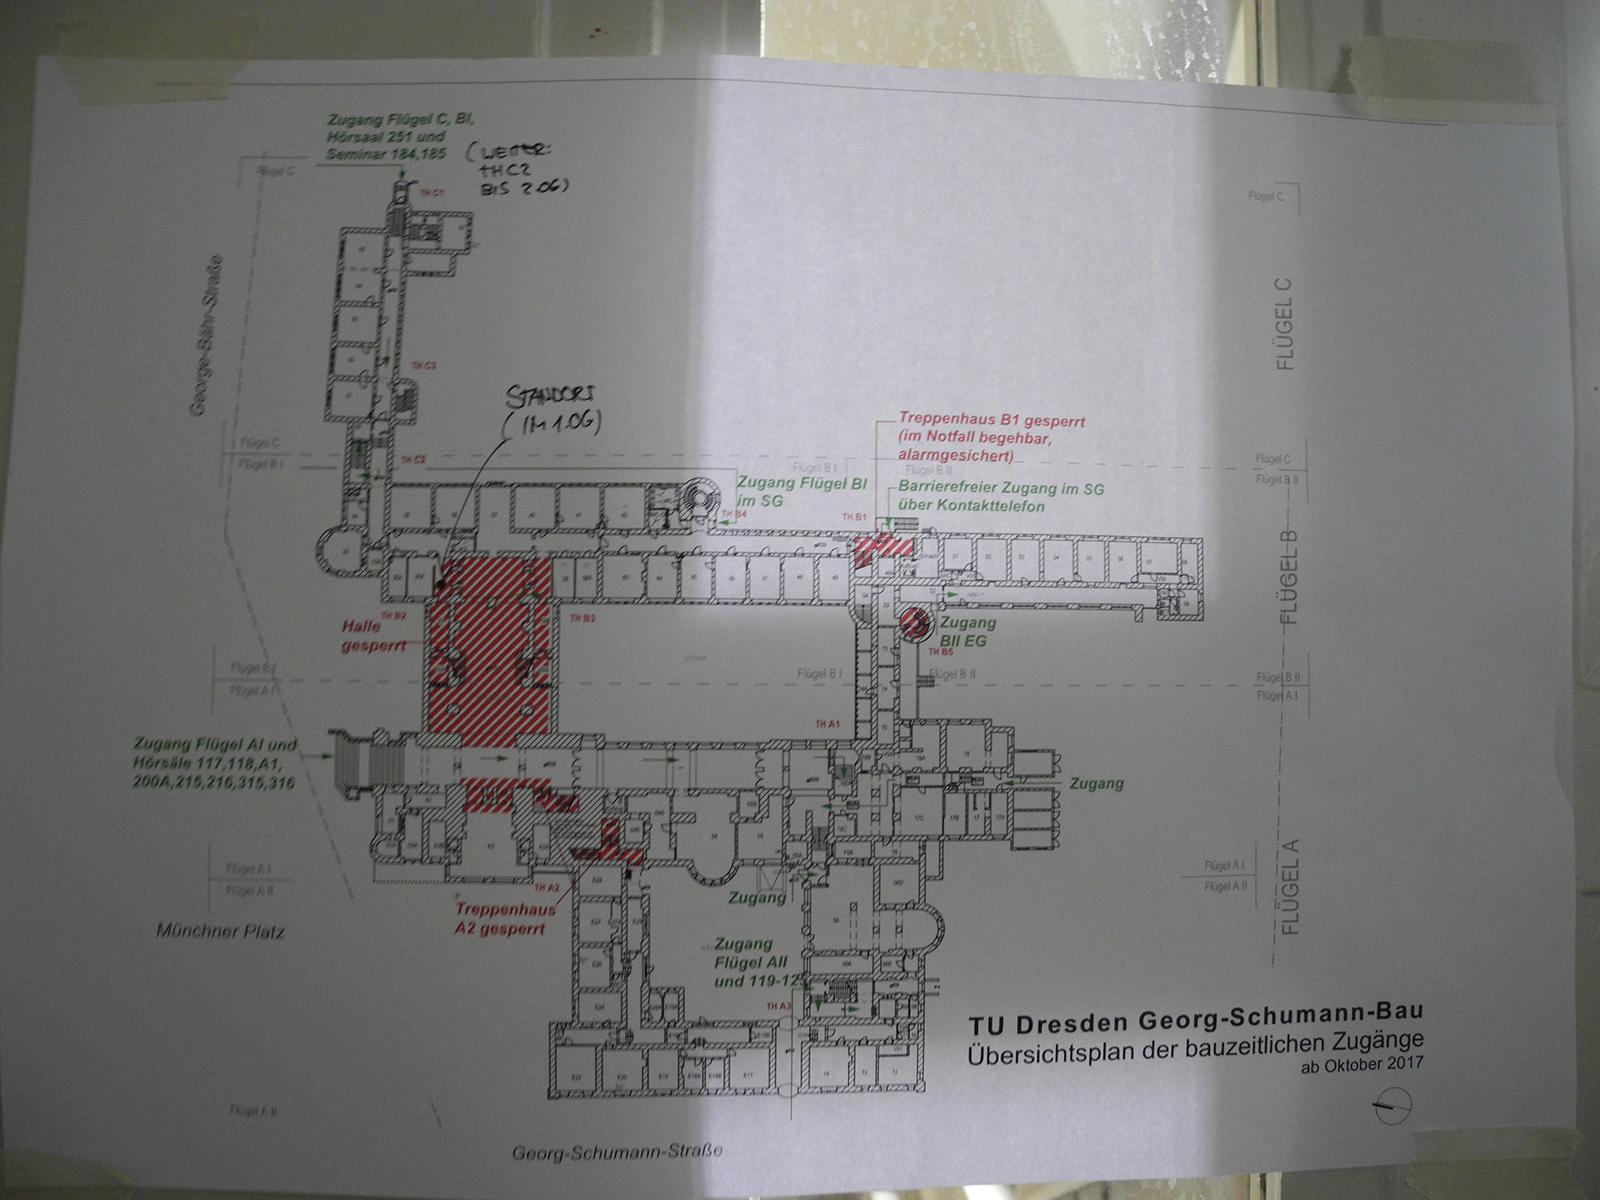 """<span class=""""deutsch"""">Entwurf_Grundrissplan TU Dresden/Gedenkstätte Müchner Platz</span><span class=""""englisch"""">Entwurf_Grundrissplan TU Dresden/Gedenkstätte Müchner Platz</span>"""